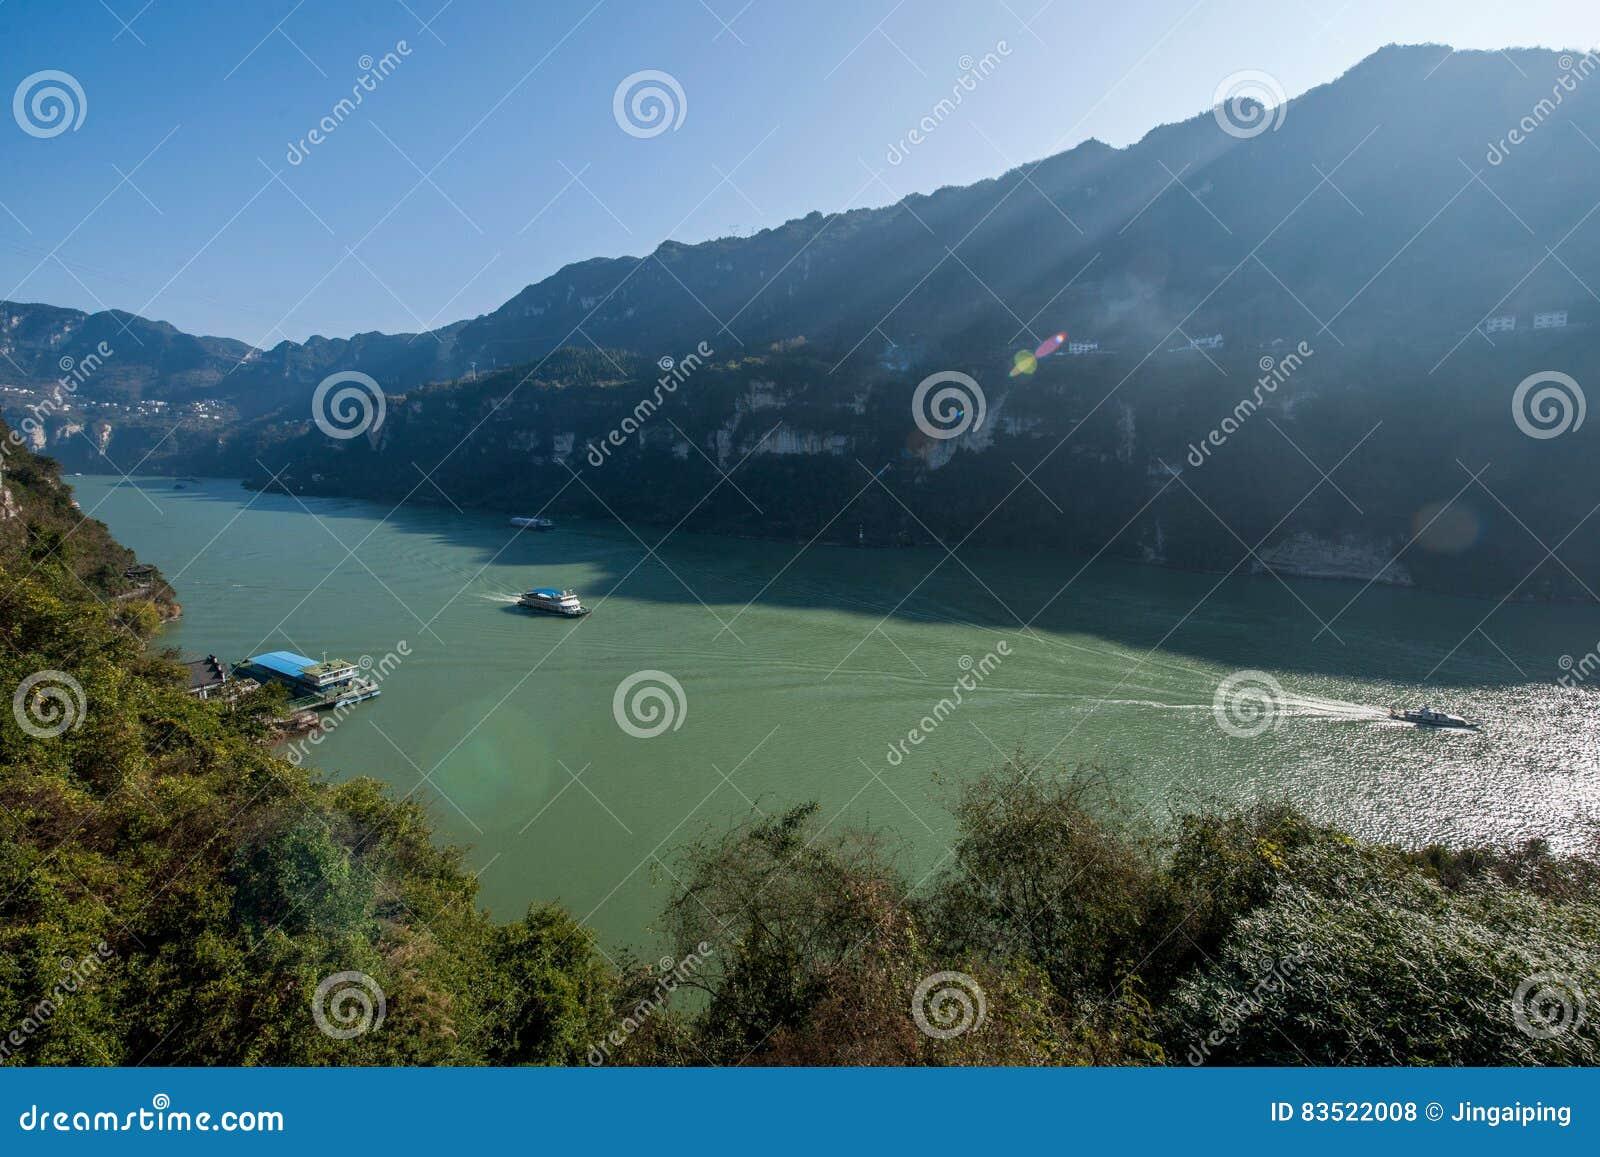 Yiling Yangtze River Three Gorges Dengying Gorge